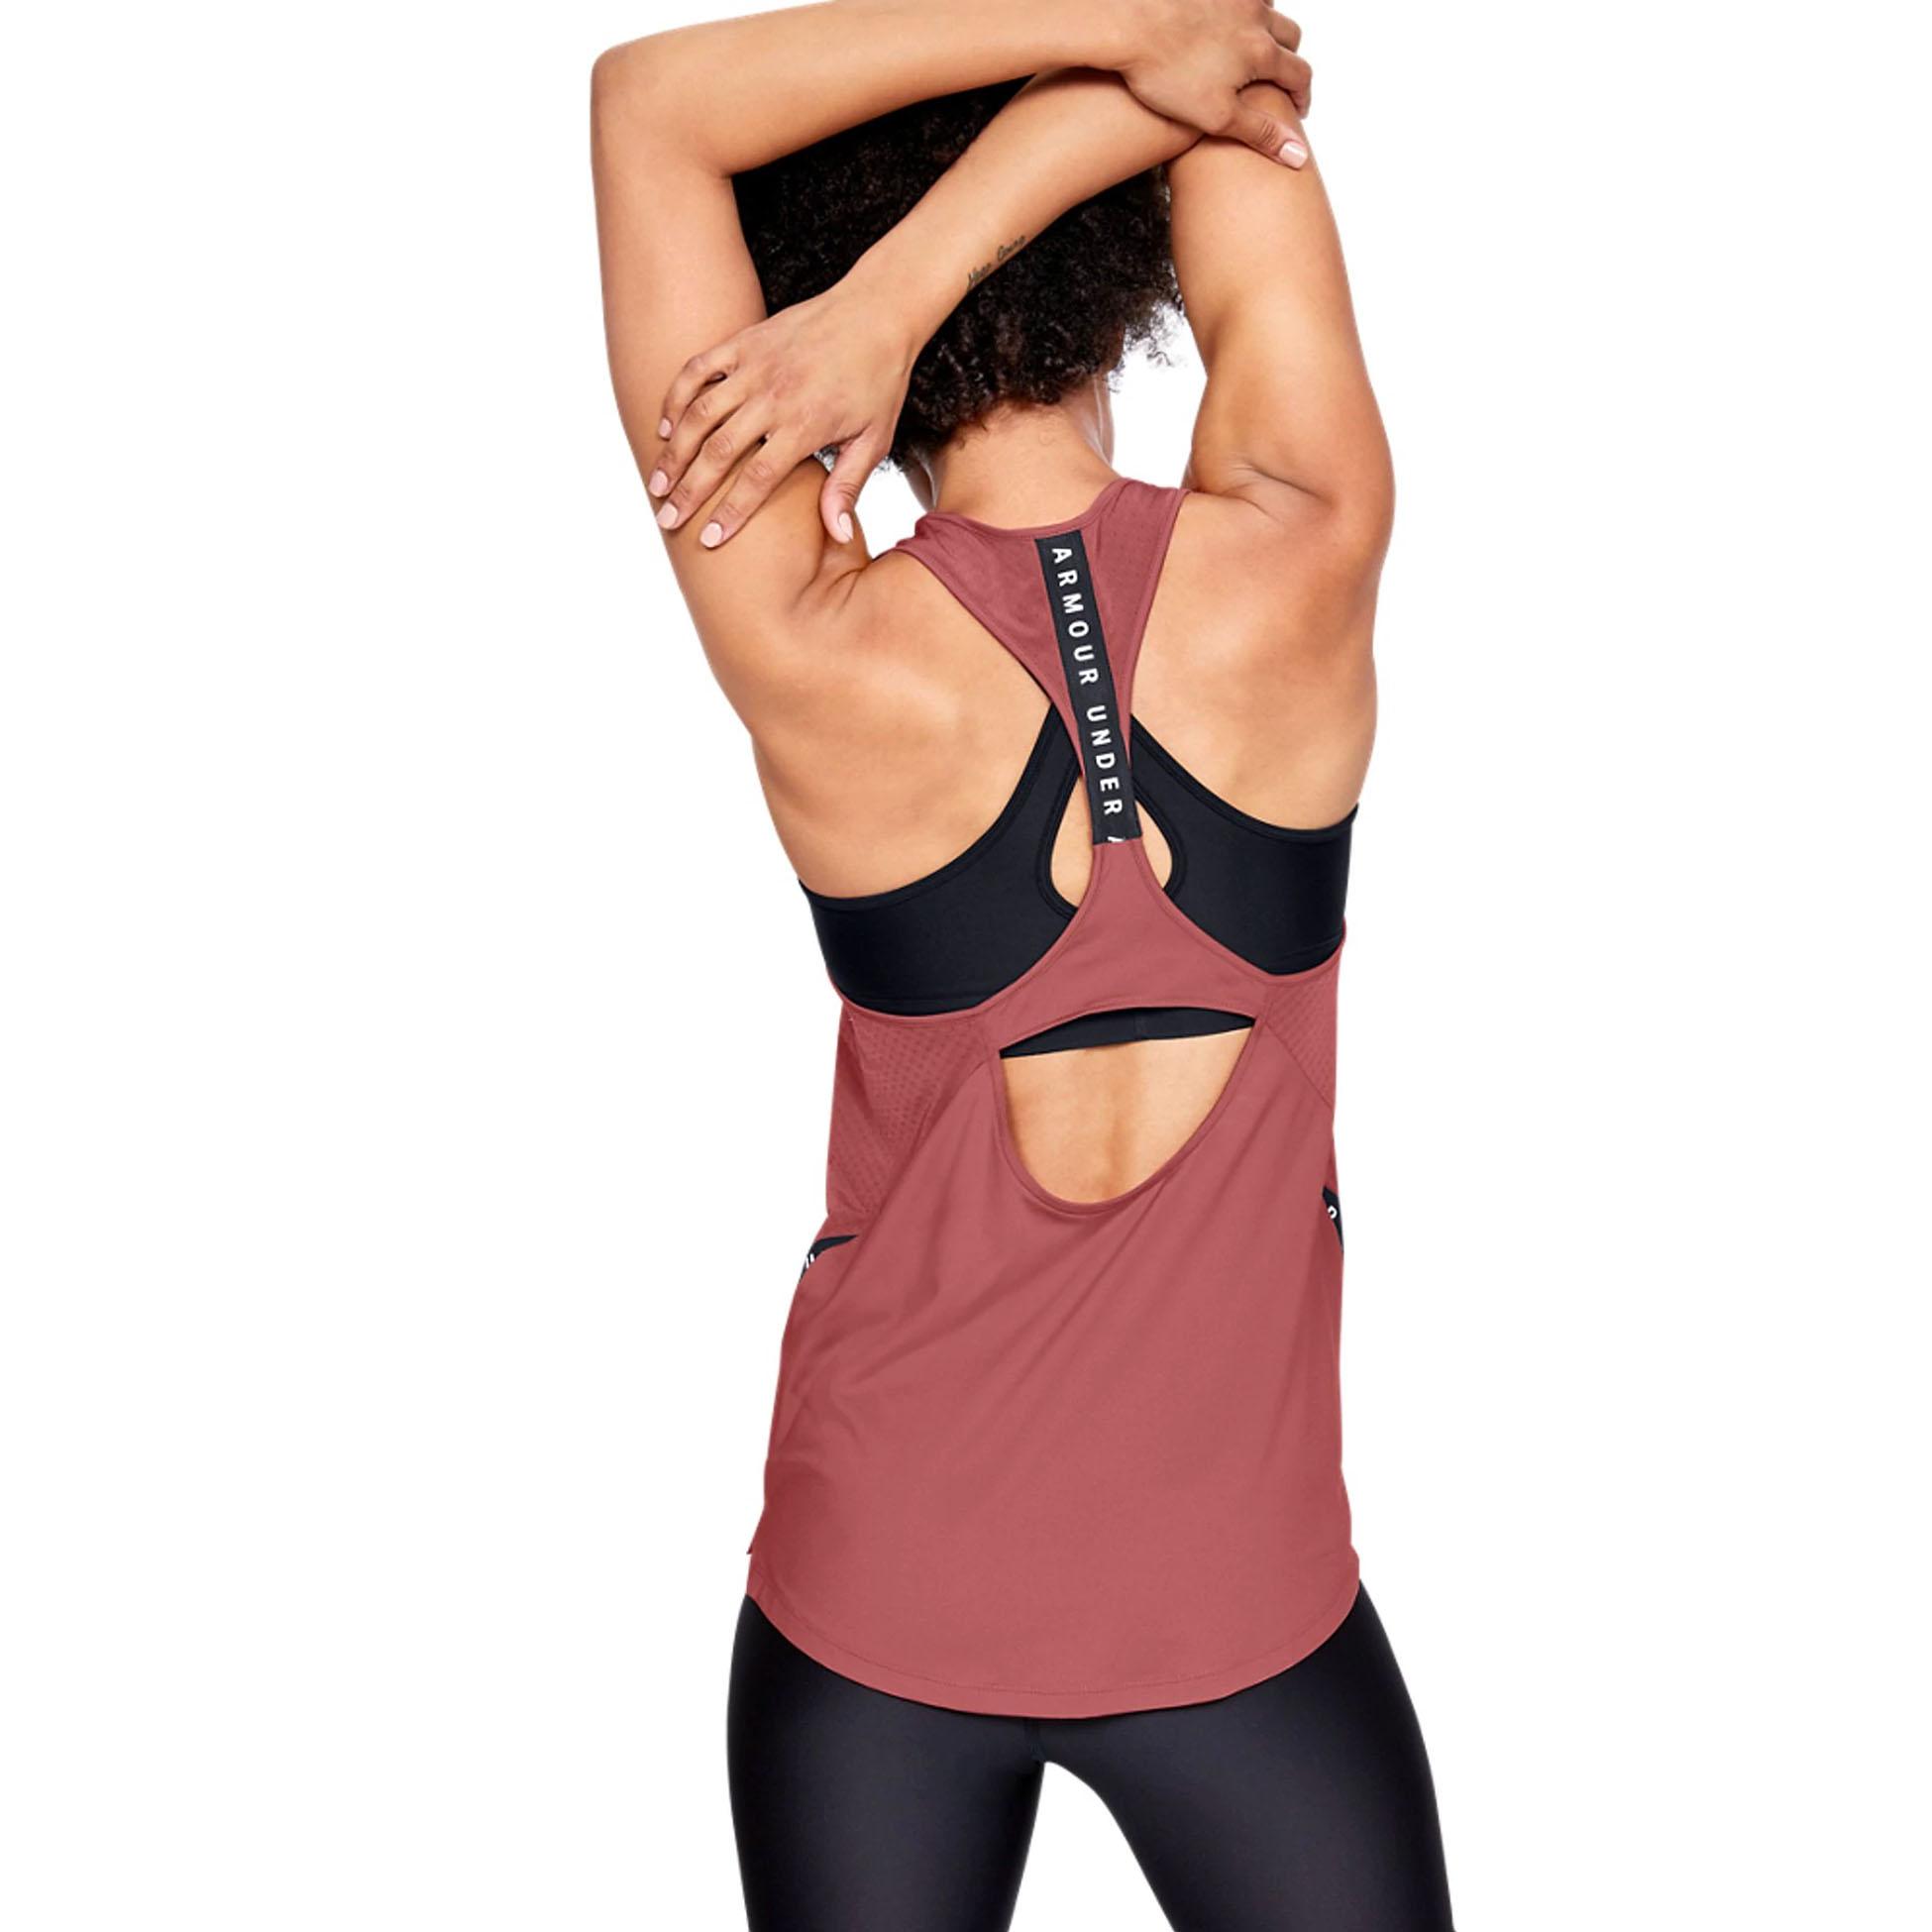 Under-Armour-Mot-Symbole-ruban-Pour-Femme-Femmes-Fitness-Training-Vest-Tank-Rose miniature 8